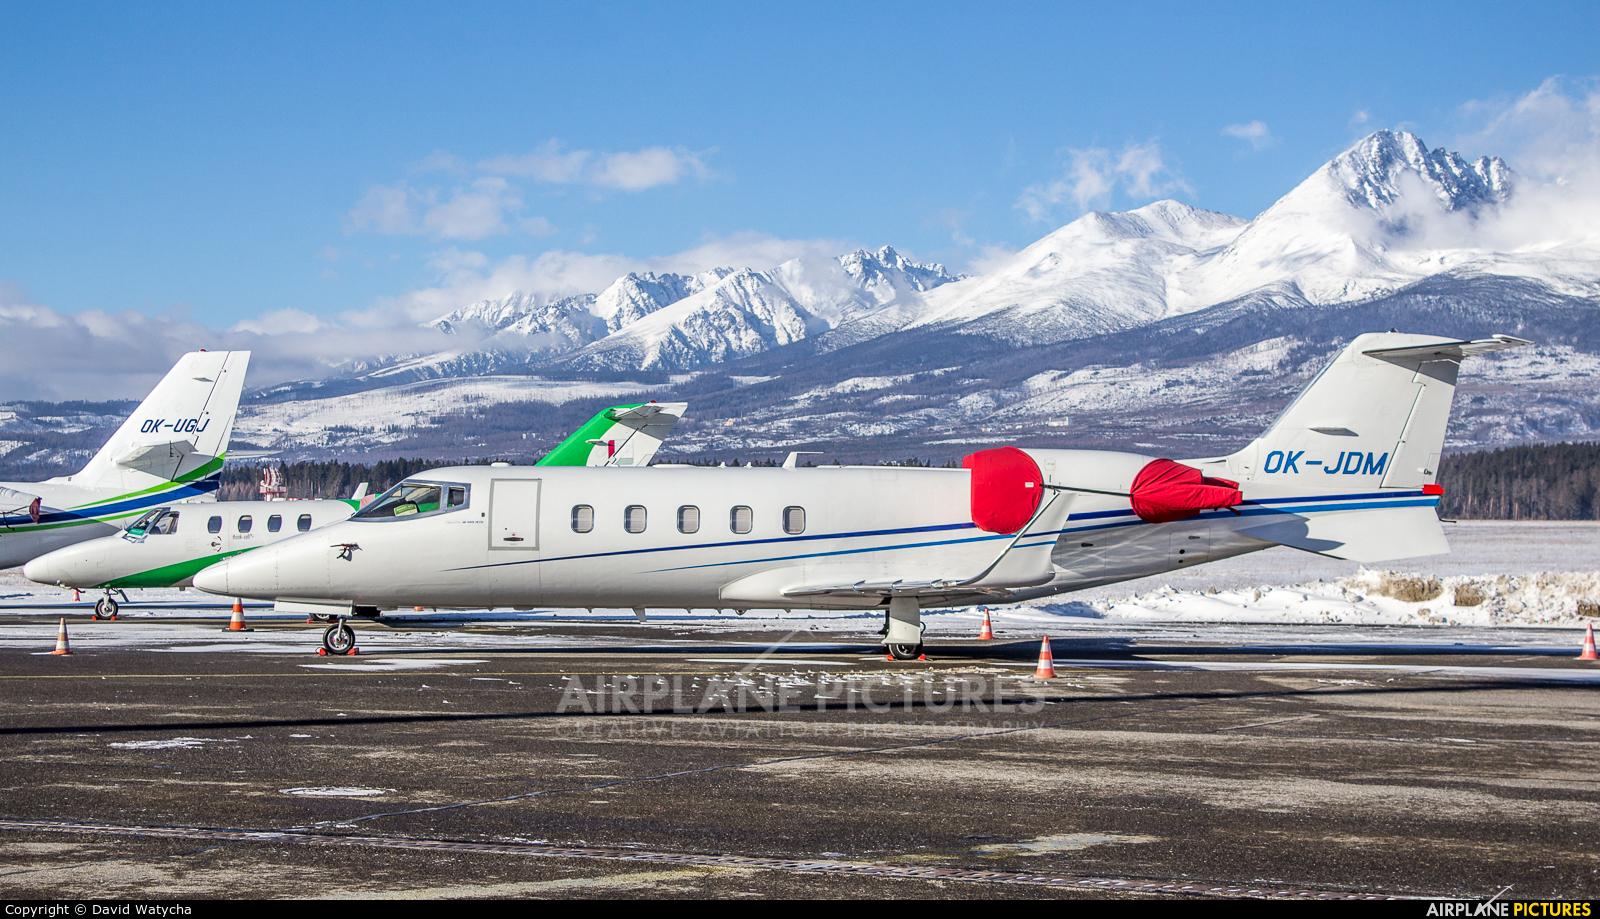 ABS Jets OK-JDM aircraft at Poprad - Tatry